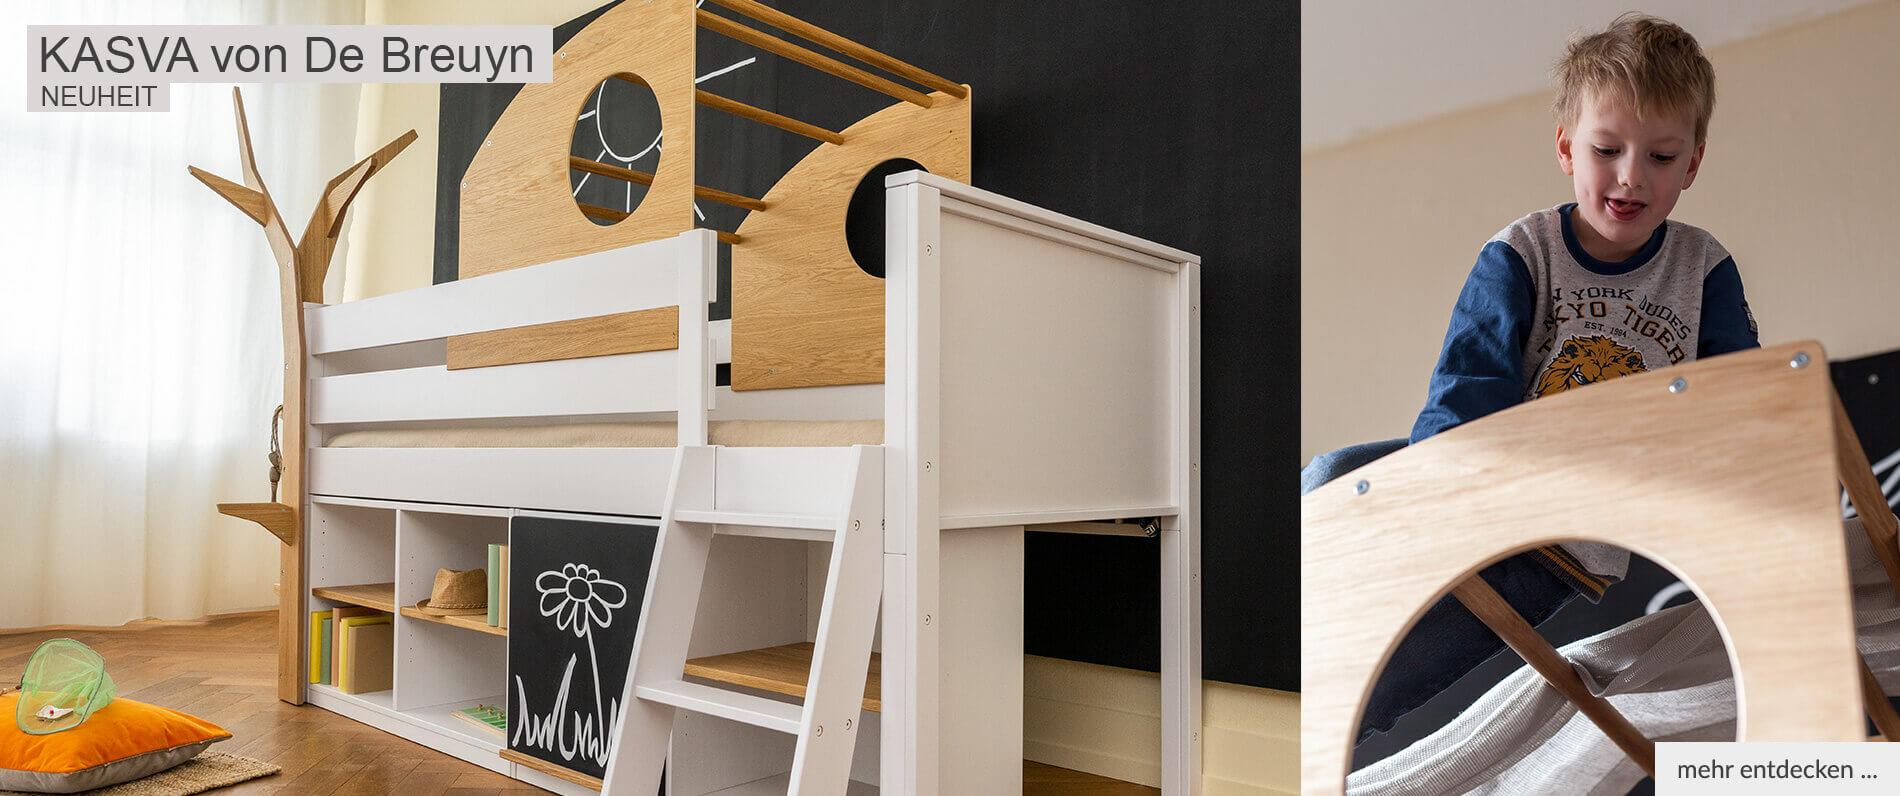 Full Size of Kindermbel Onlineshop De Breuyn Schweiz Vietnam Rundreise Und Baden Wohnzimmer Deckenleuchten Led Deckenleuchte Schlafzimmer Salamander Küche Bett Mit Wohnzimmer De Breuyn Kasva